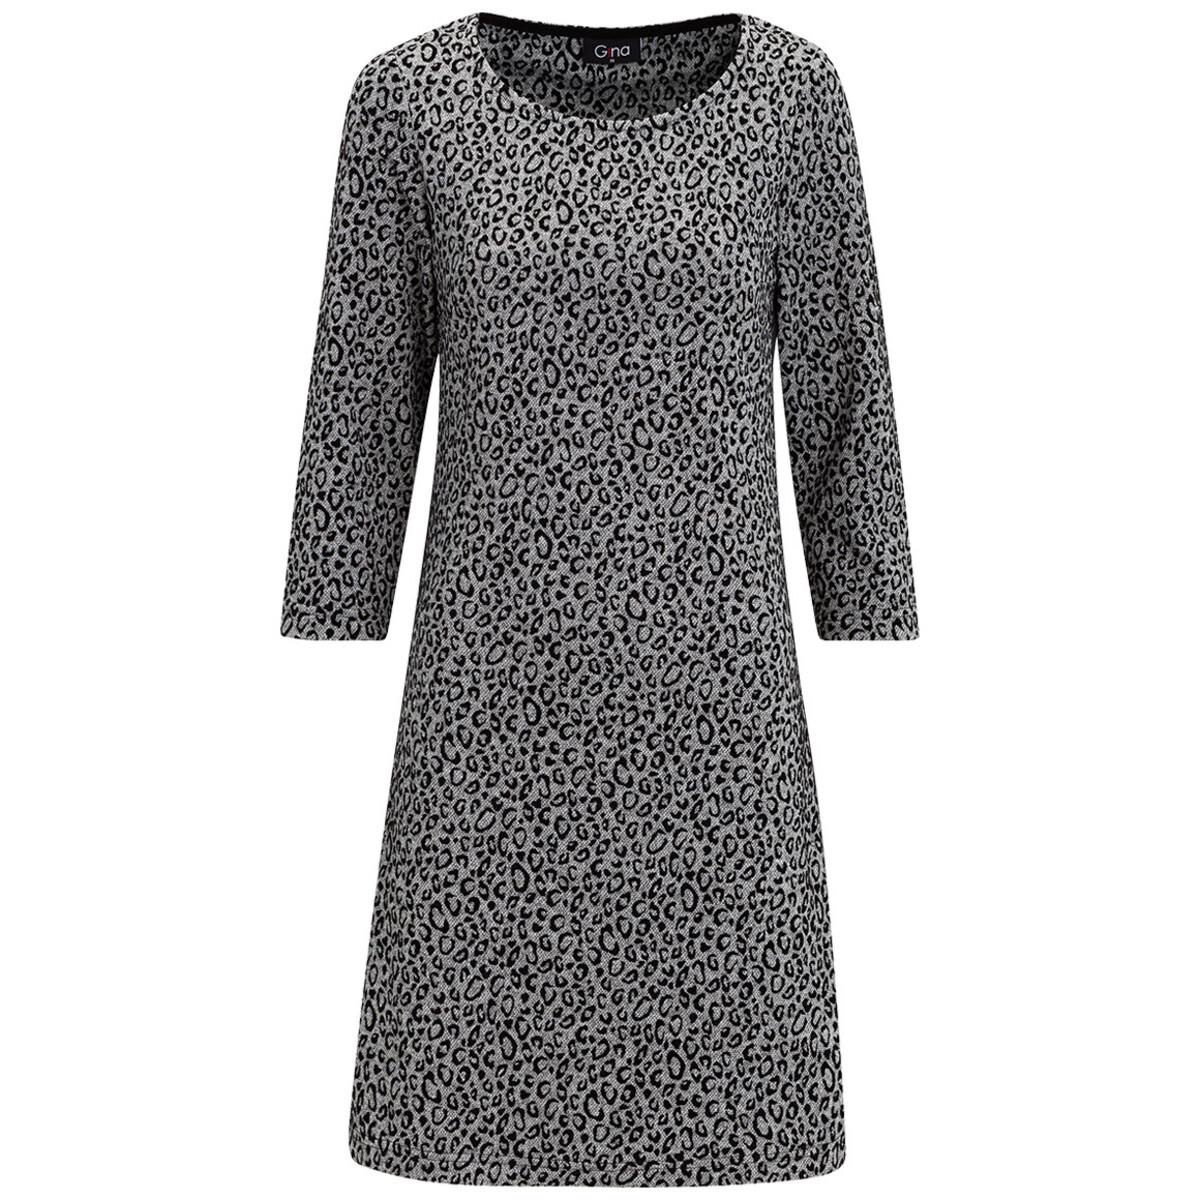 Bild 1 von Damen Kleid im Leoparden-Look